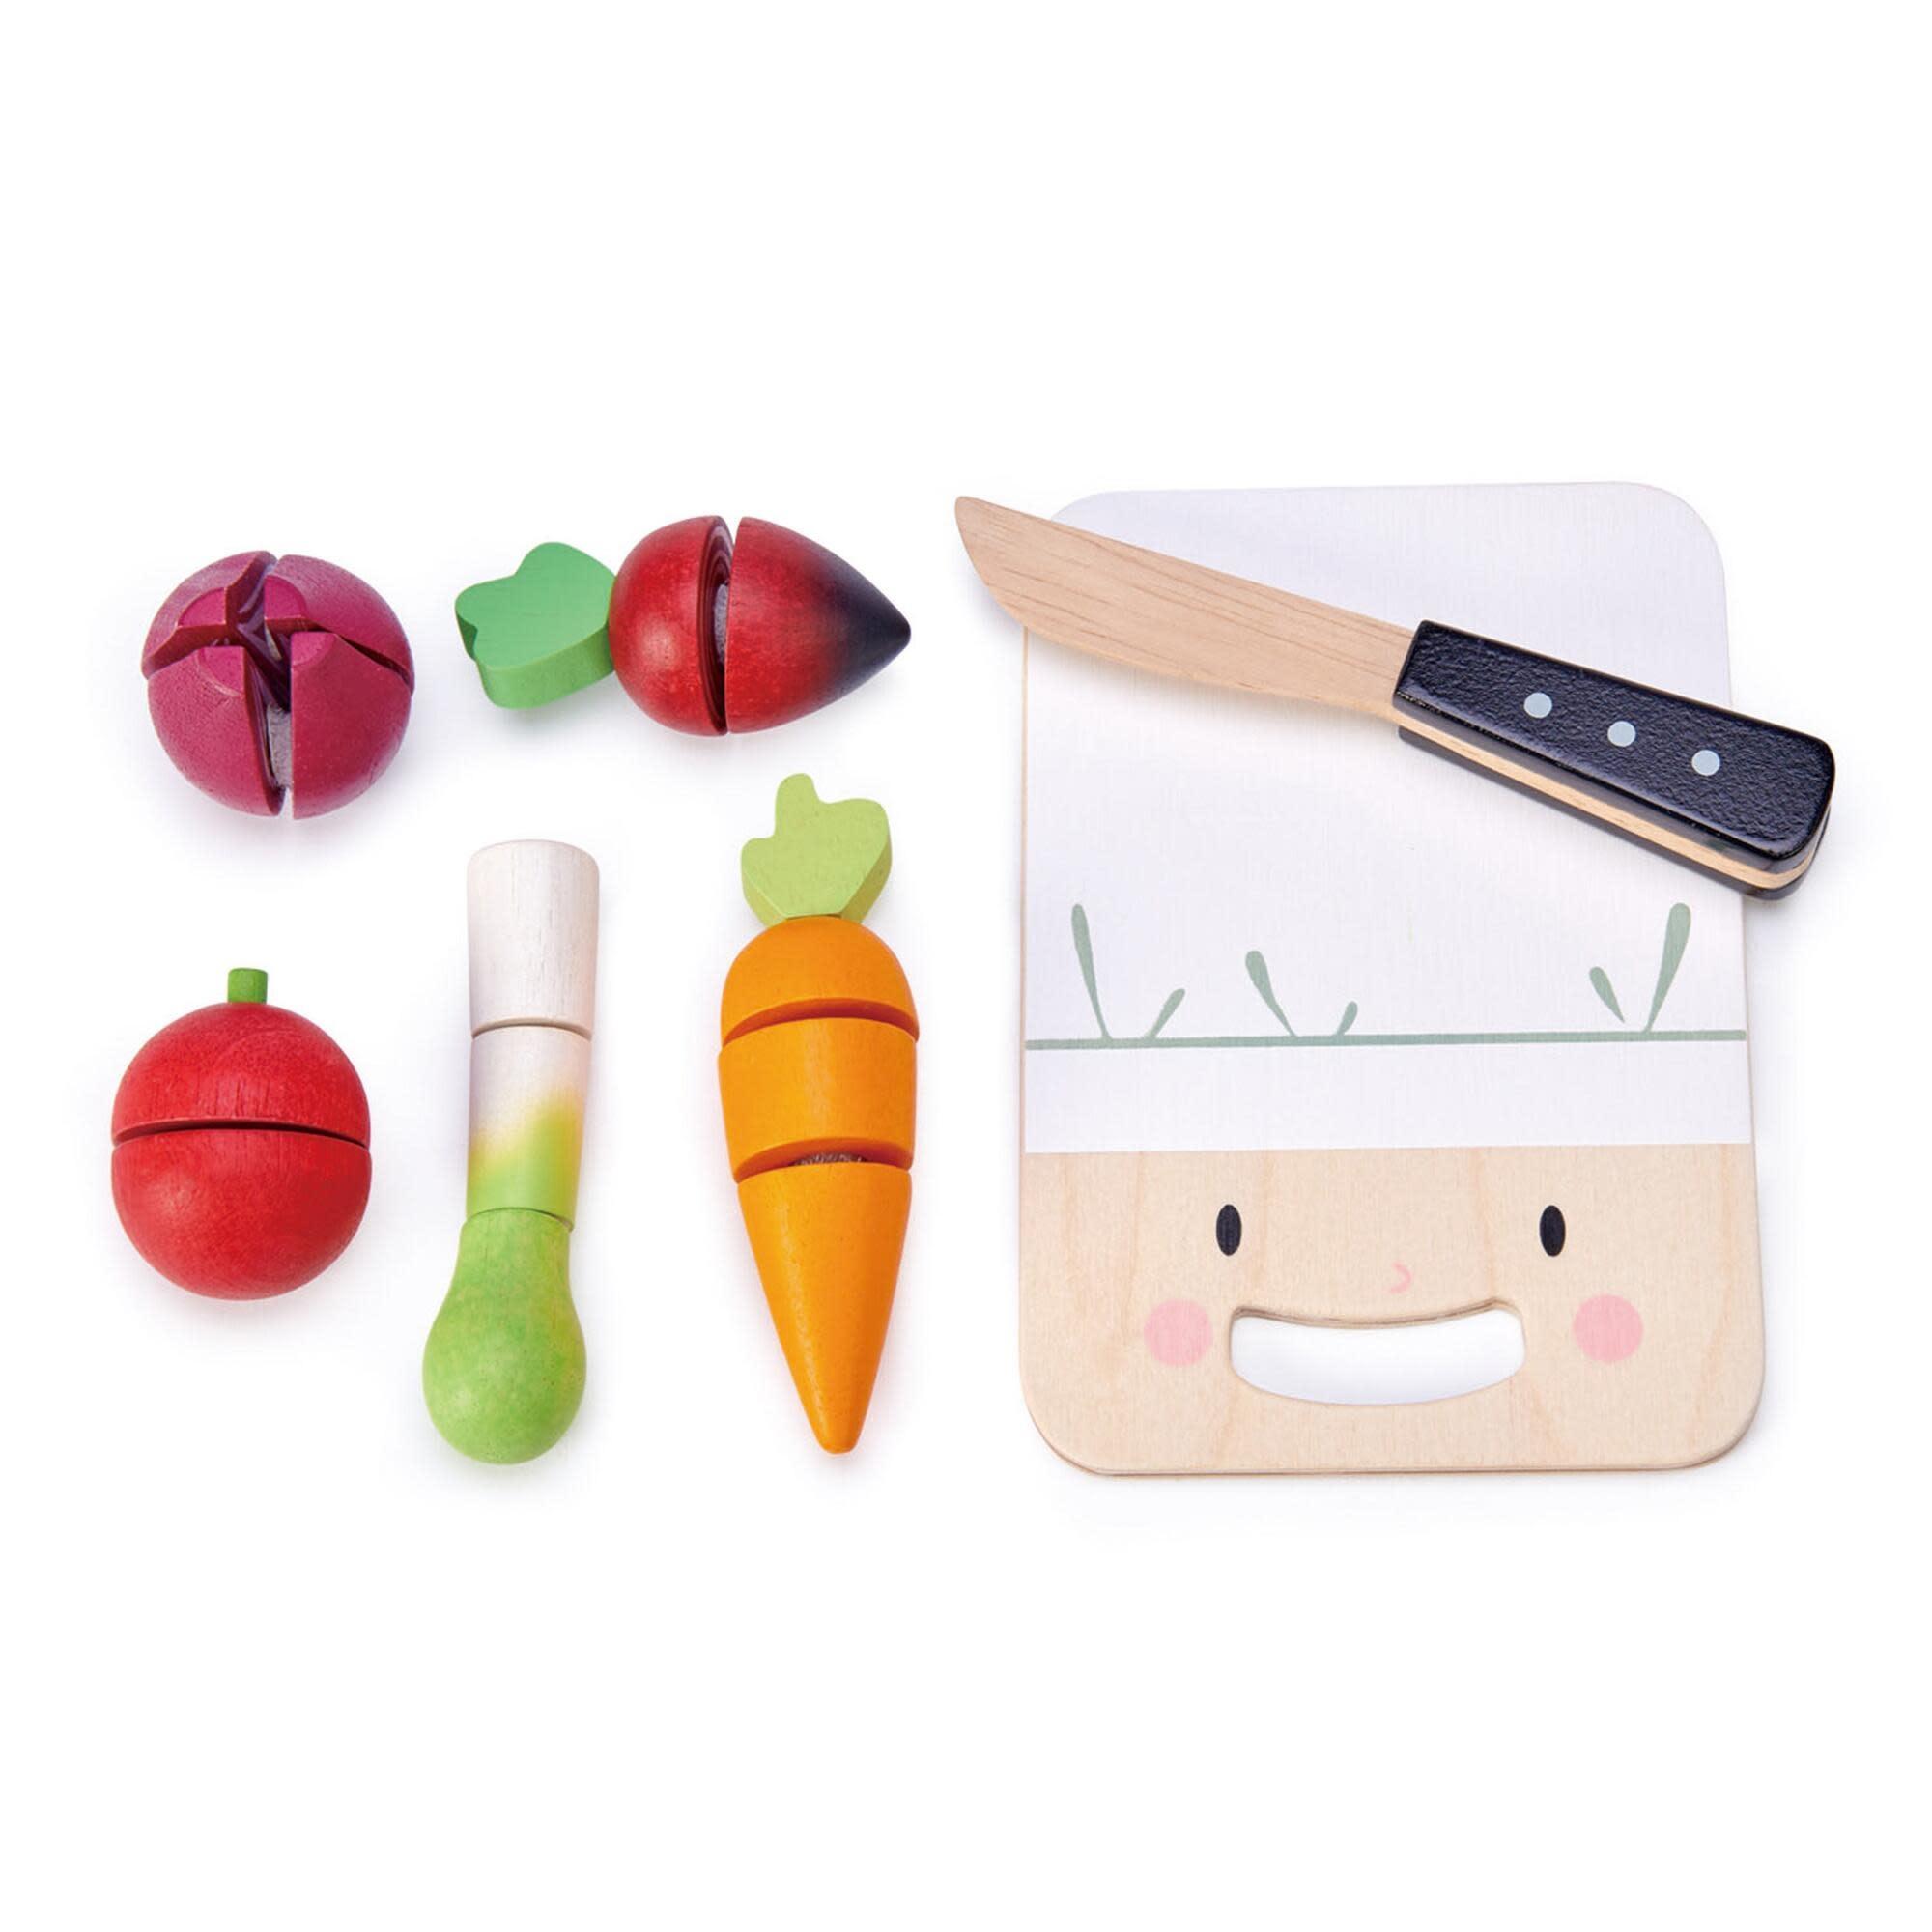 Mini Chef Chopping Board by Tender Leaf